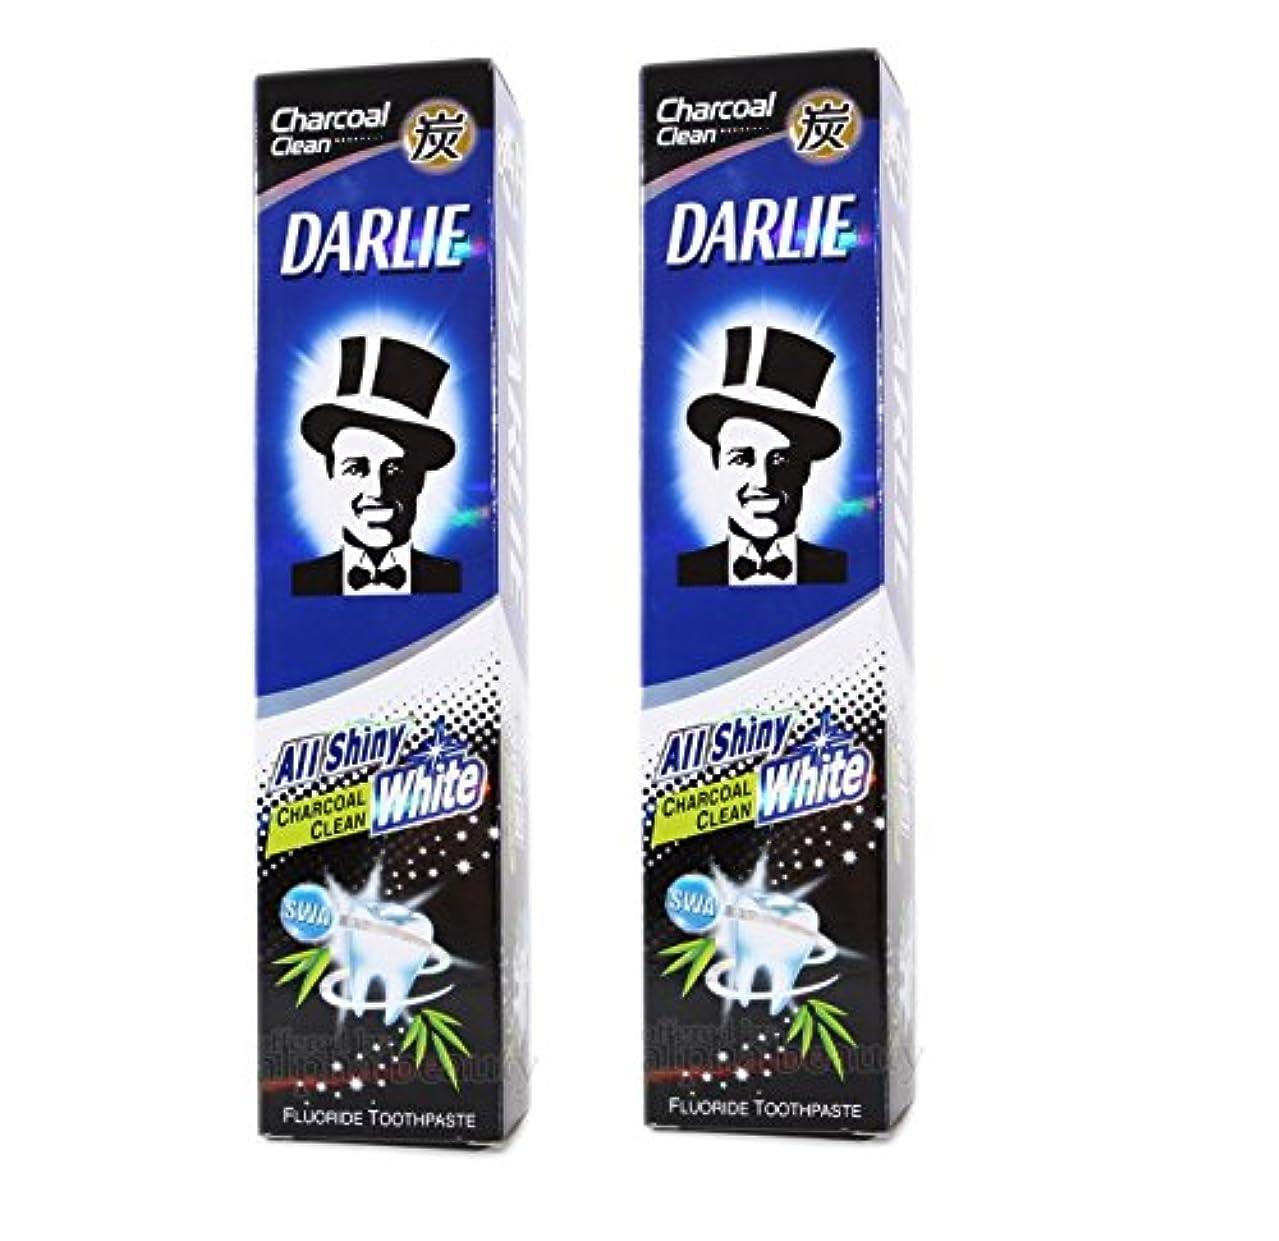 傷つきやすい中で惑星2 packs of Darlie Charcoal All Shiny Whitening Toothpaste by Darlie